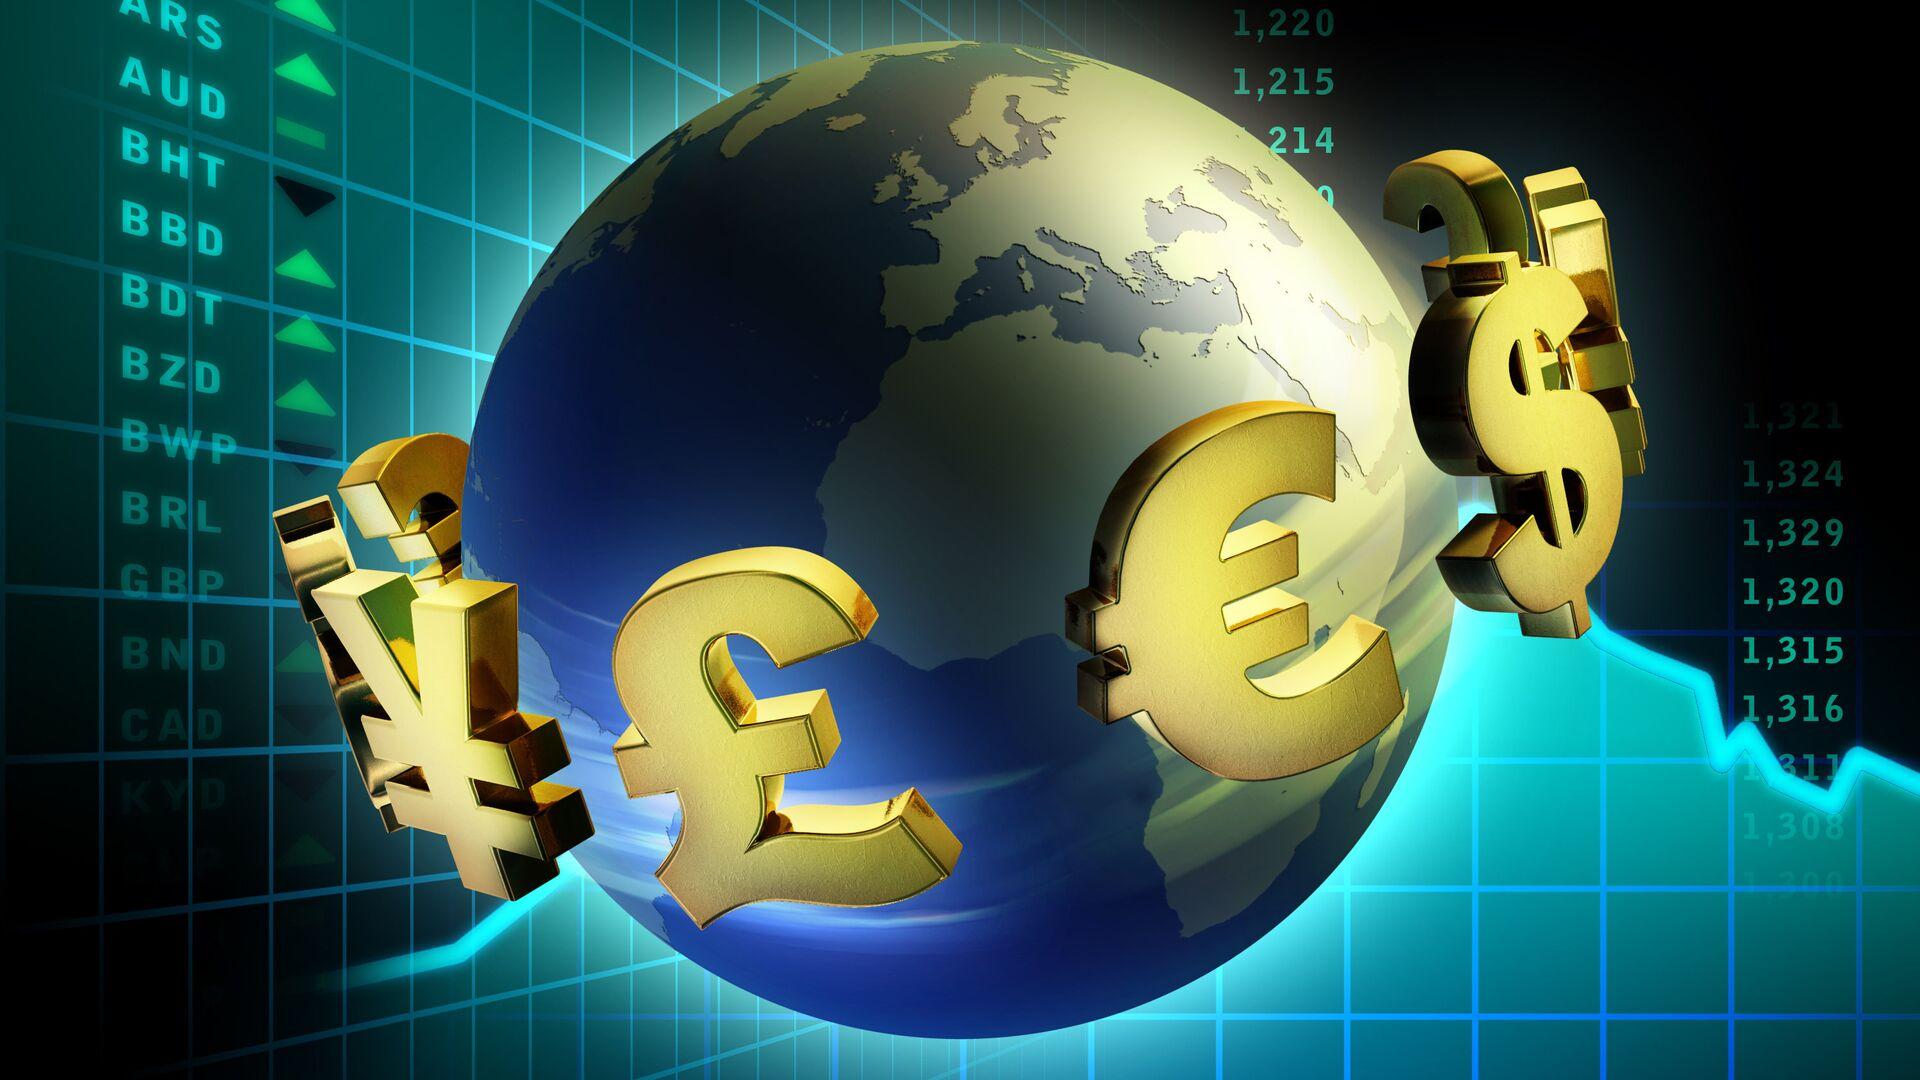 Аналитик назвал валюту, которая сейчас выгоднее доллара